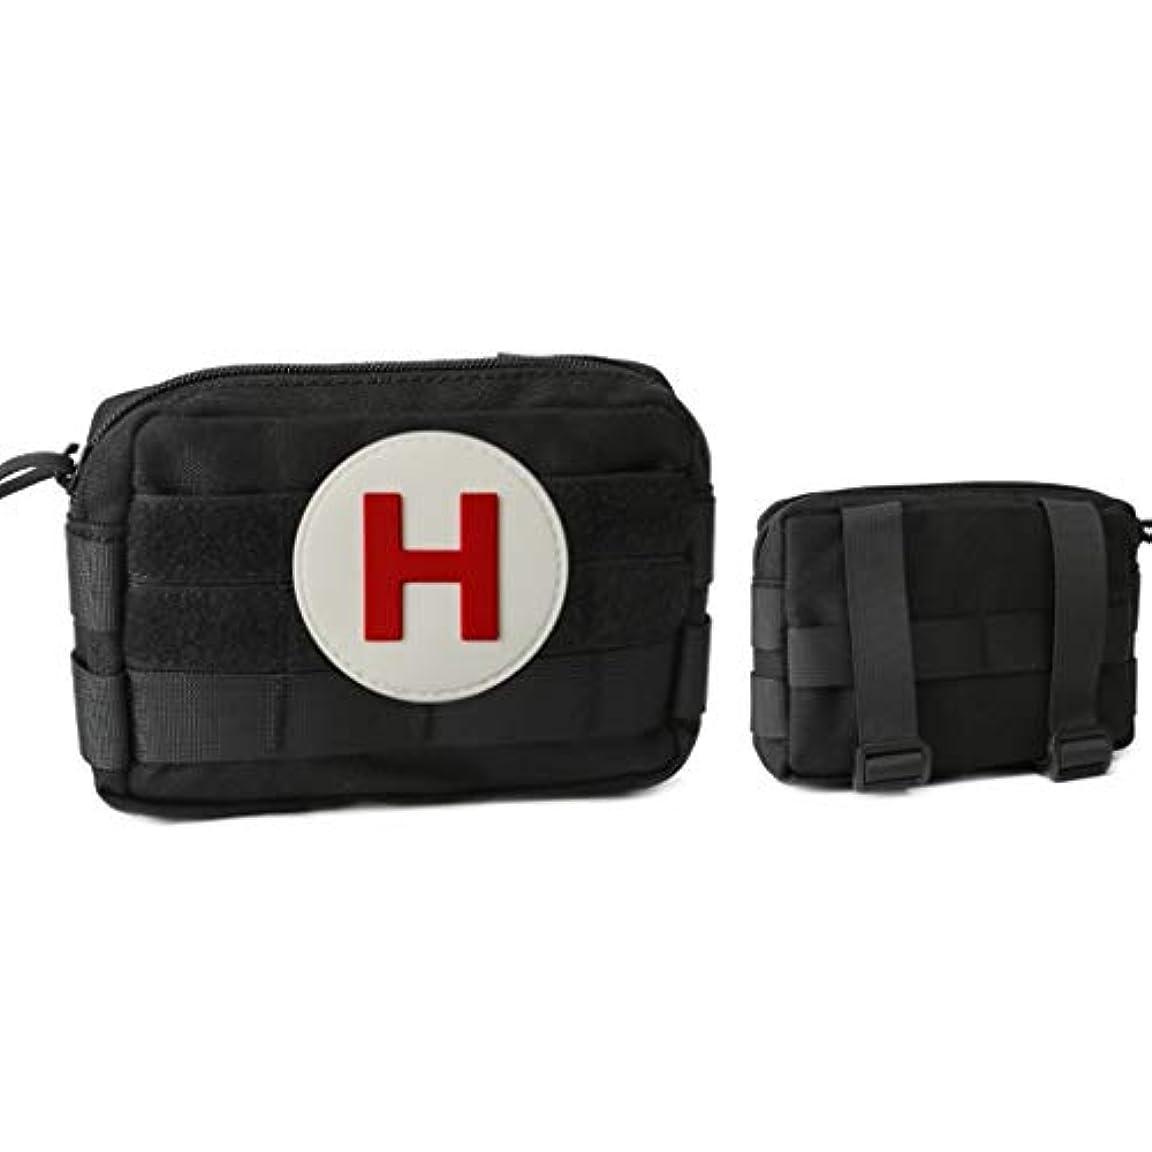 シリング童謡放置救急キットJedi Survival Game医療キットを使用して、ポケットを持ち運びしやすくする/ 9色を選択可能 LXMSP (Color : G)